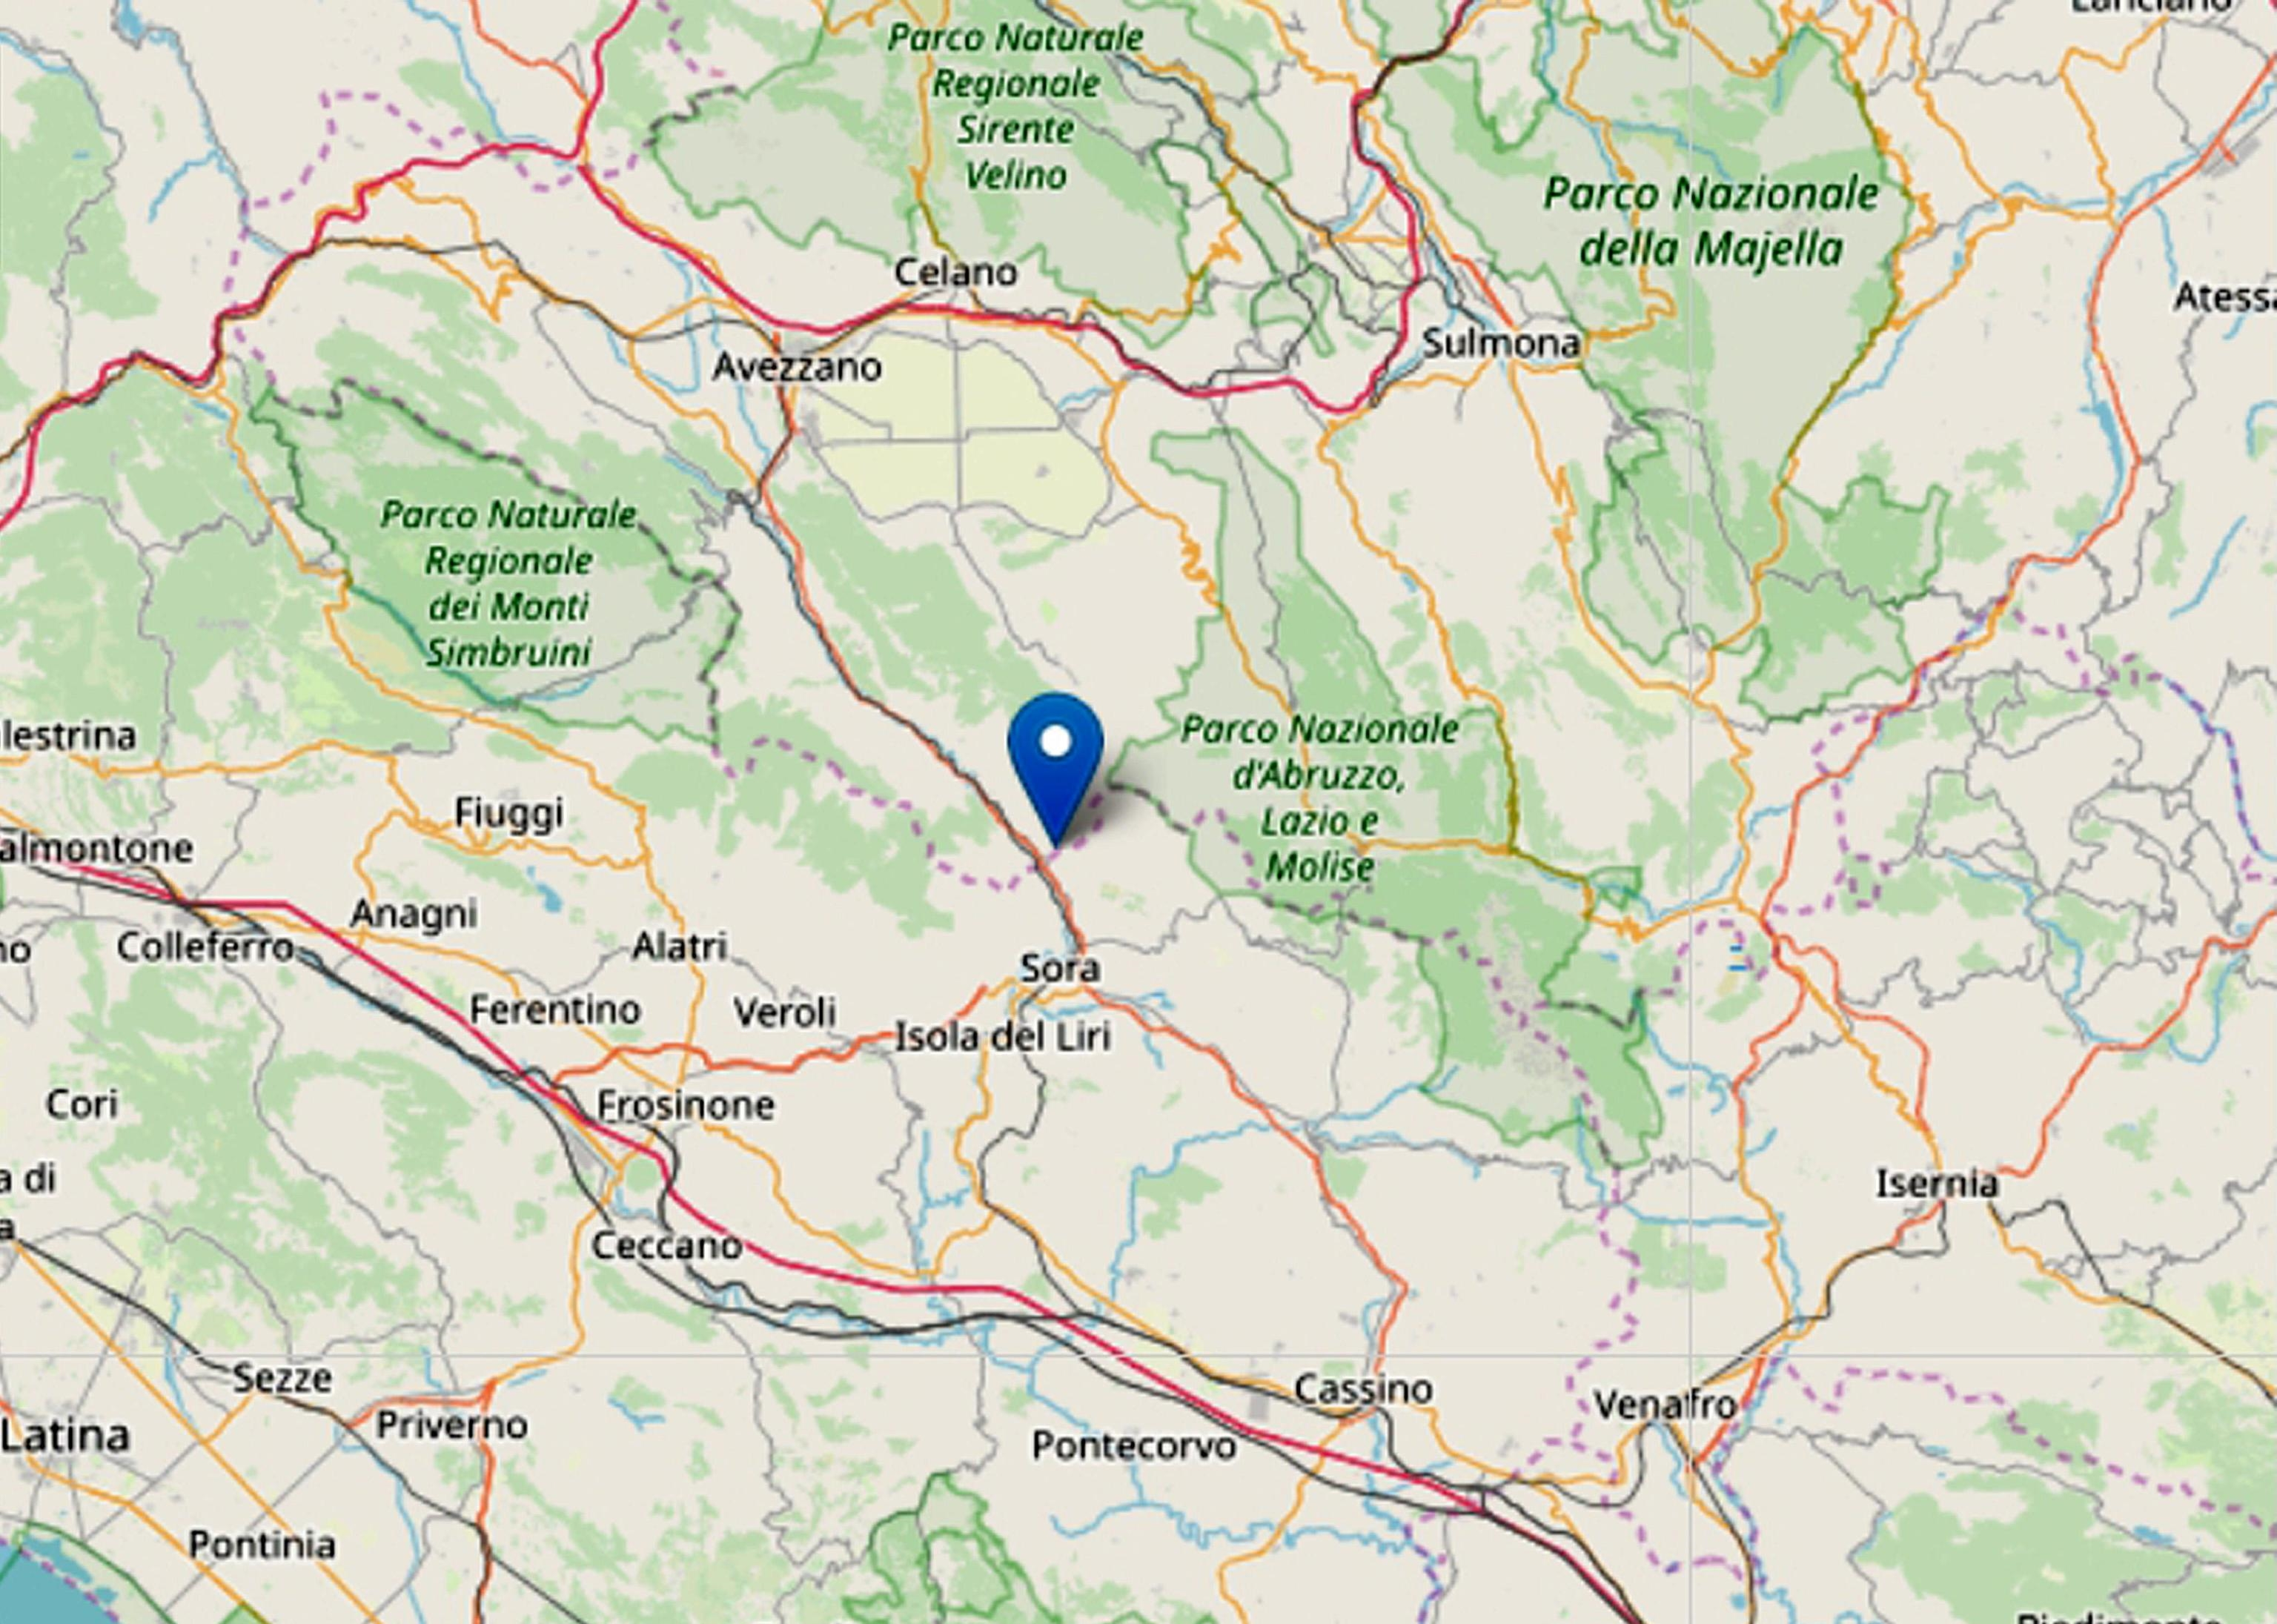 terremoto-a-balsorano-in-provincia-de-laquila-abruzzo-foto-ansa